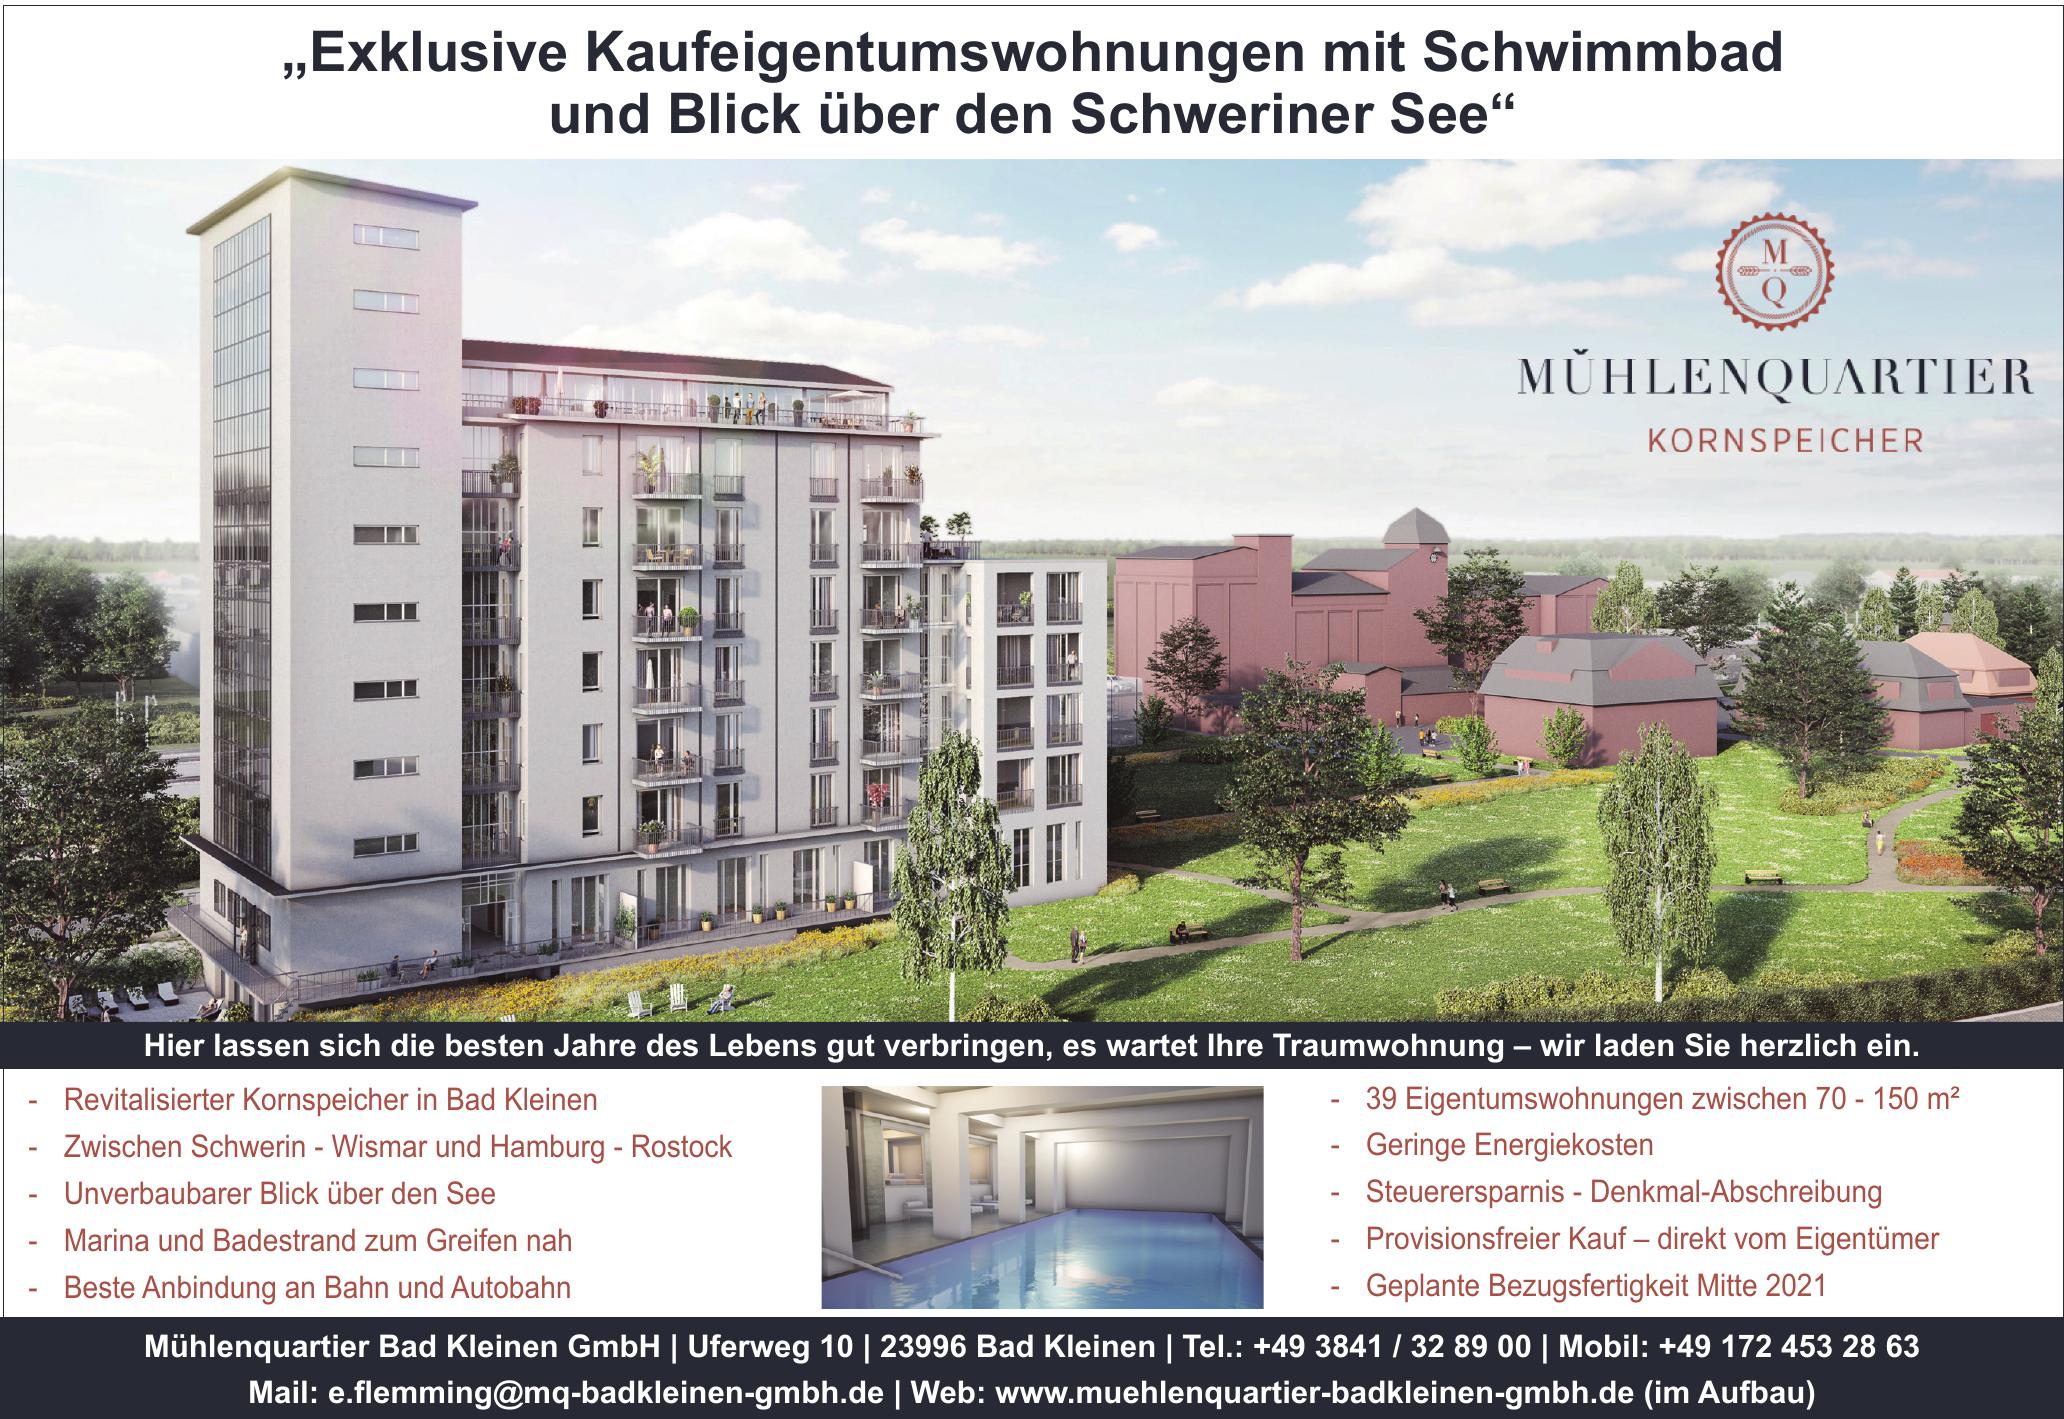 Mühlenquartier Bad Kleinen GmbH